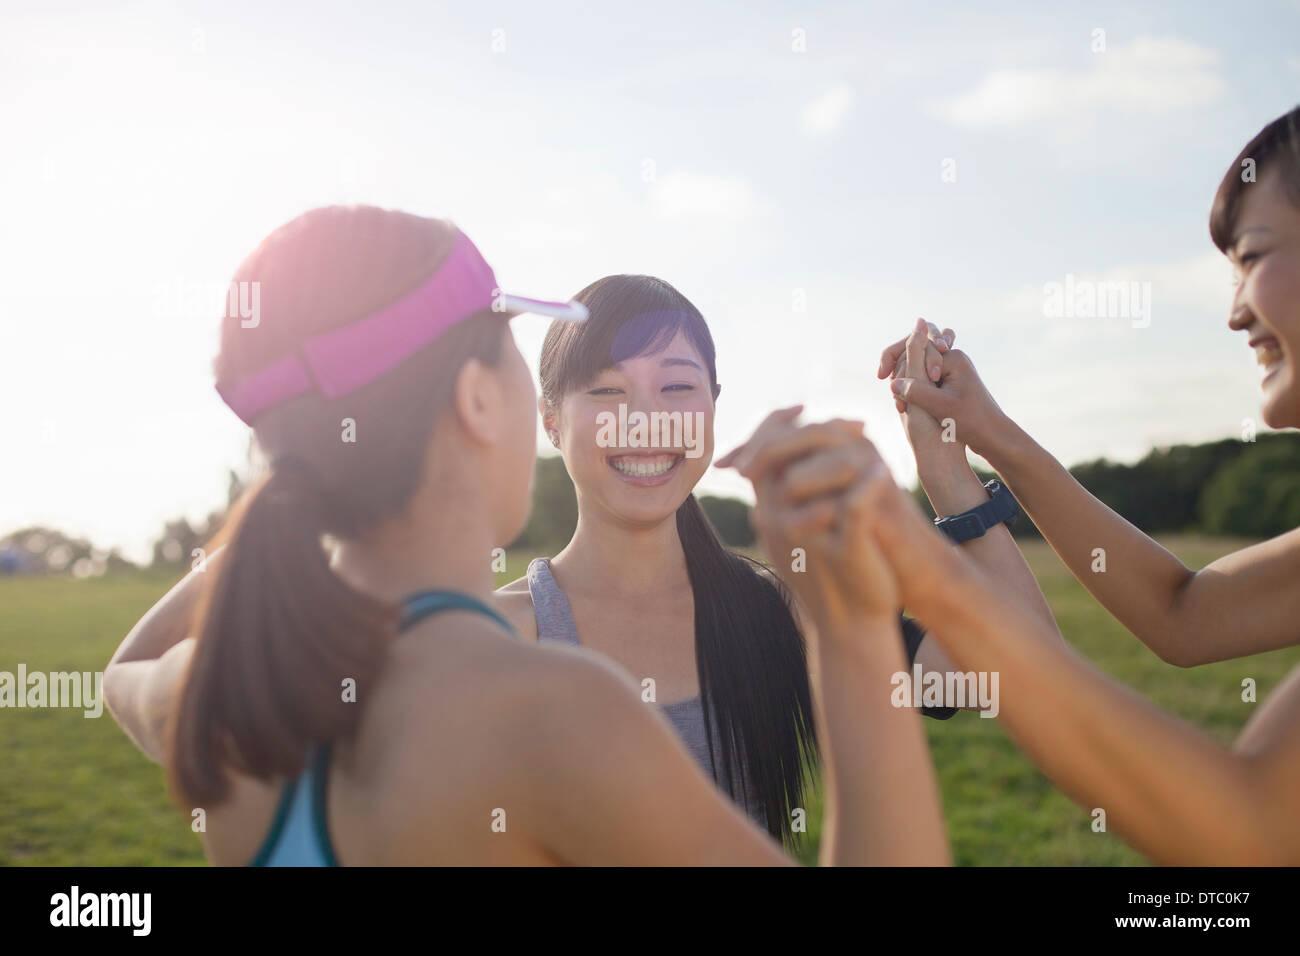 Drei junge Läuferinnen immer einsatzbereit Stockbild